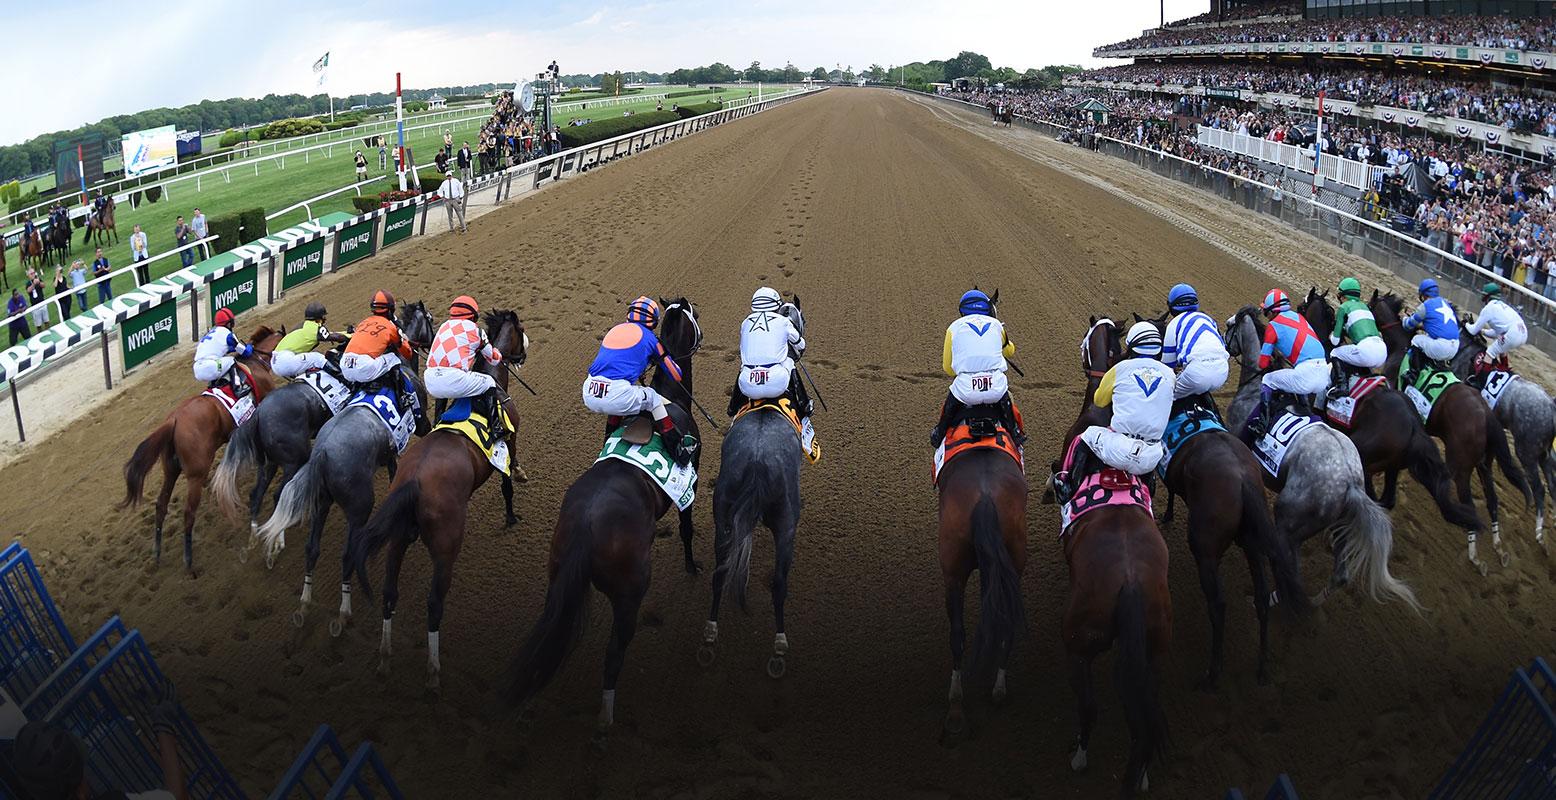 Belmont Racecourse Events